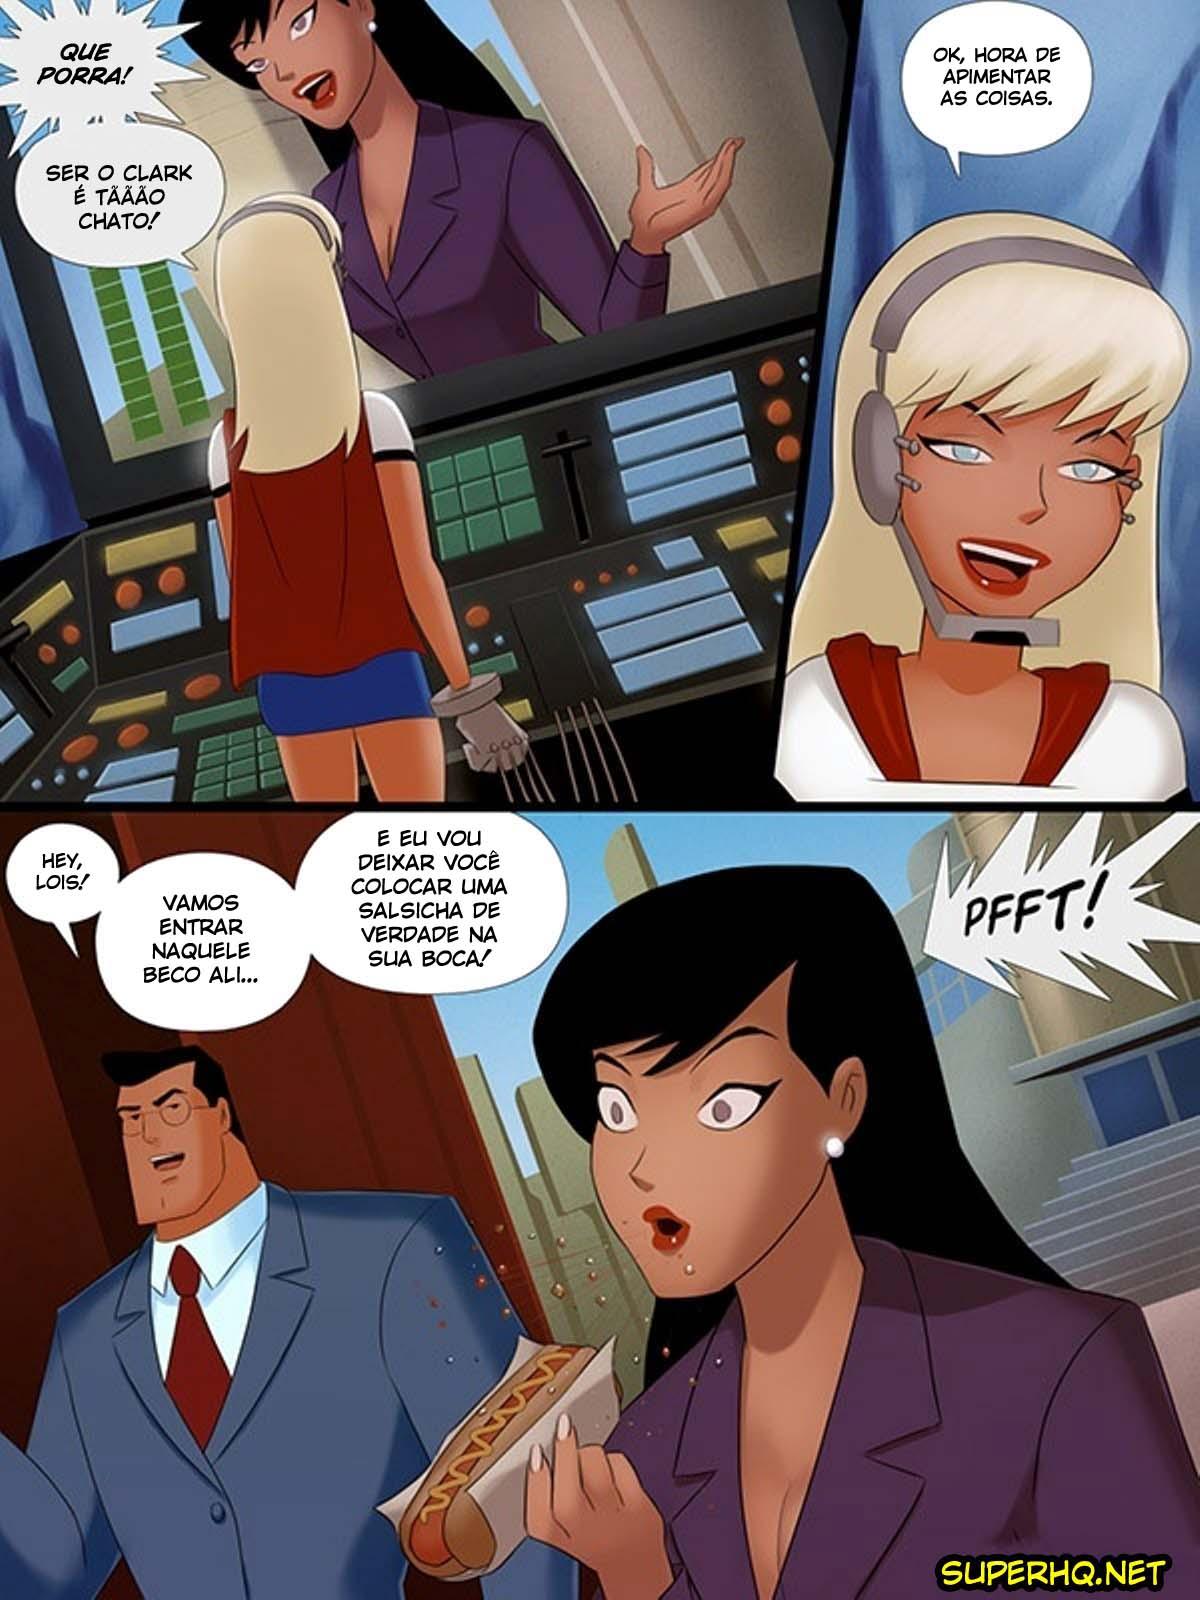 Lois Lane fode no beco escondido